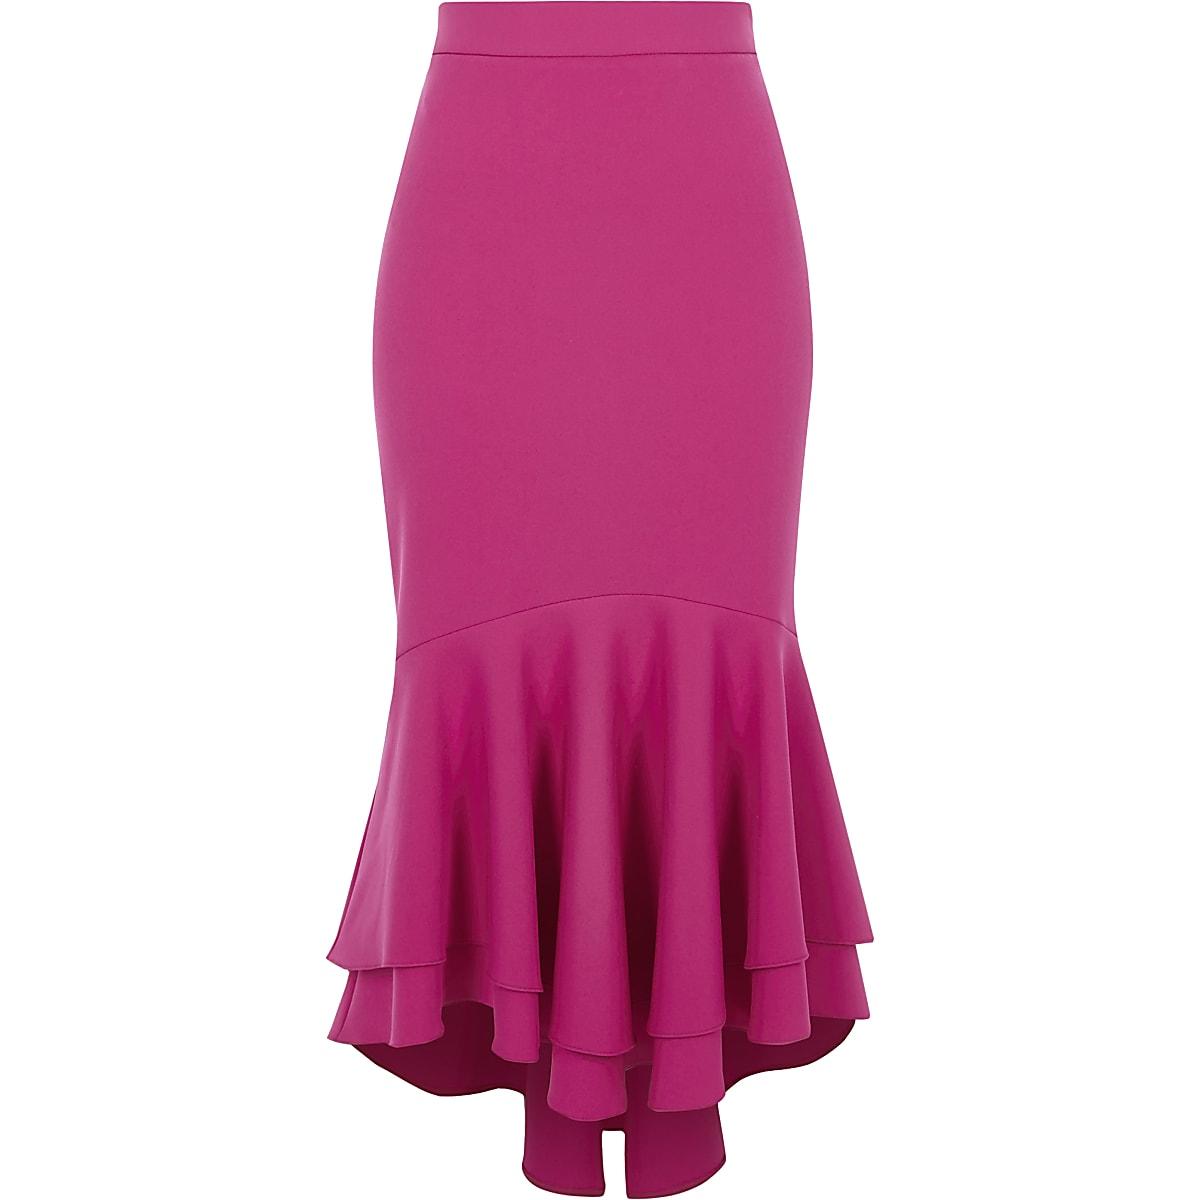 3f1ece523cc3 Pink tiered frill fishtail pencil skirt - Midi Skirts - Skirts - women